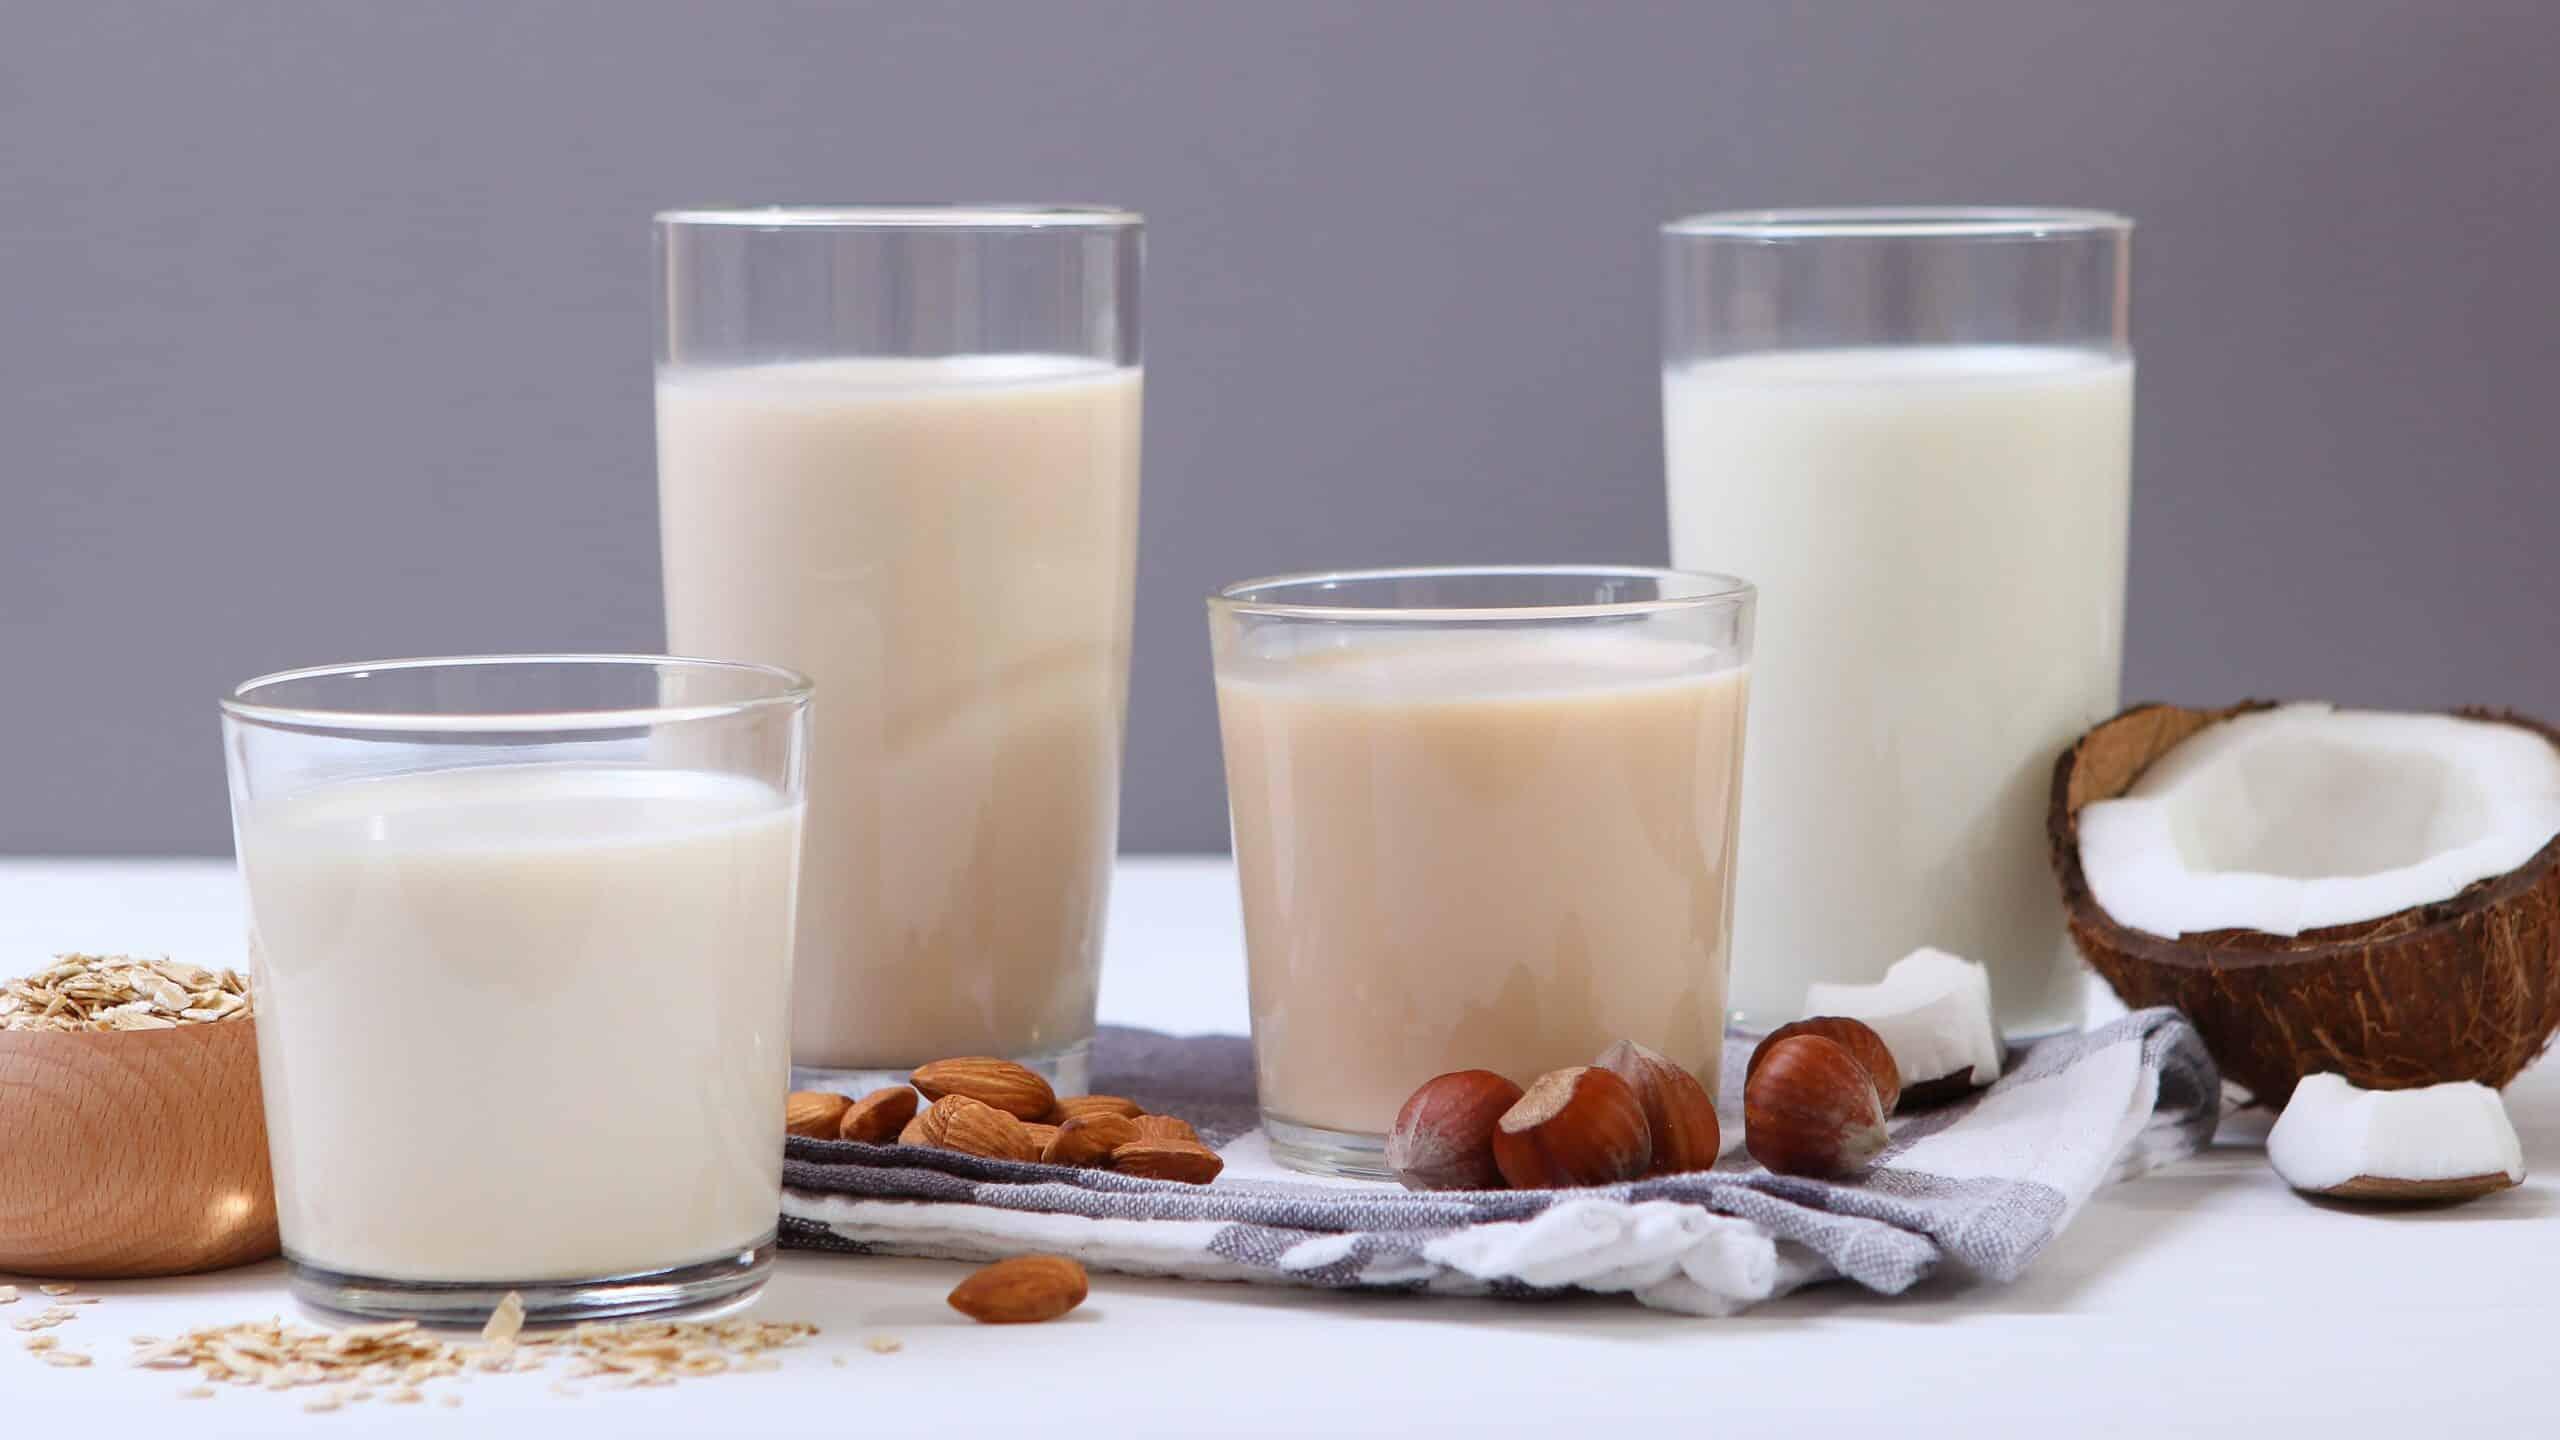 tipos de leche para café